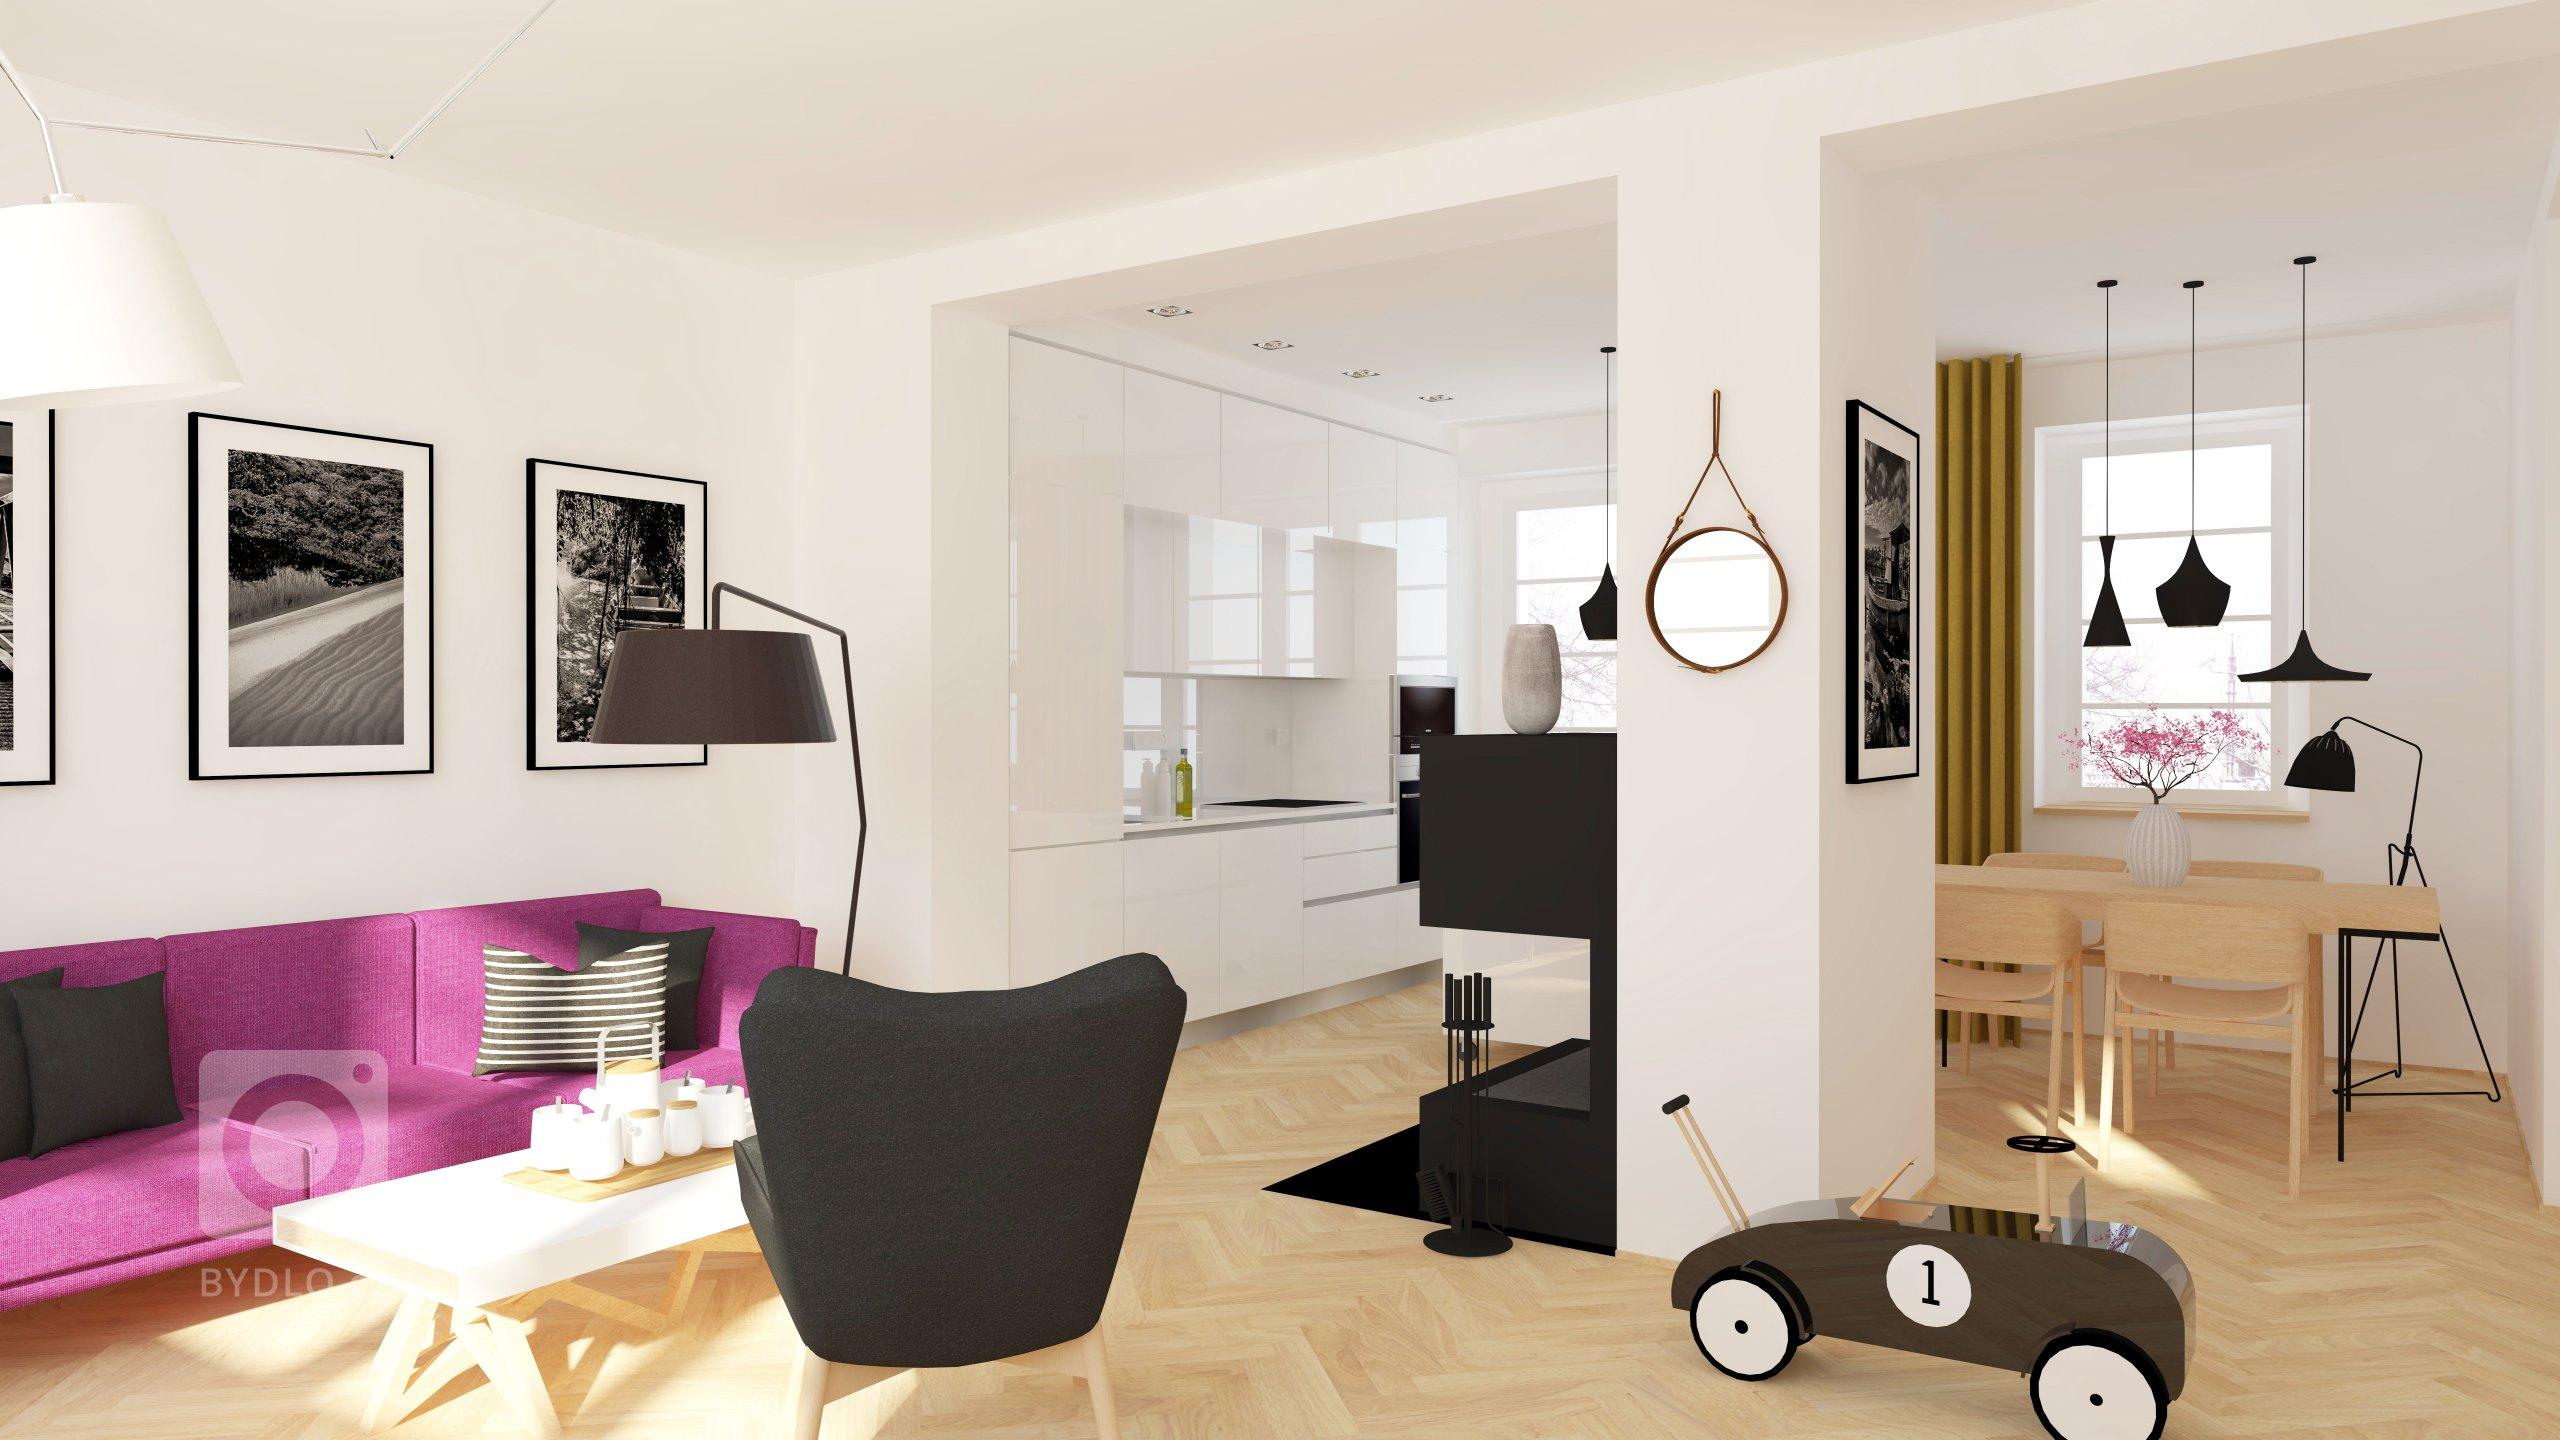 Rekonstrukce řadového rodinného domu - obývací pokoj s kuchyní